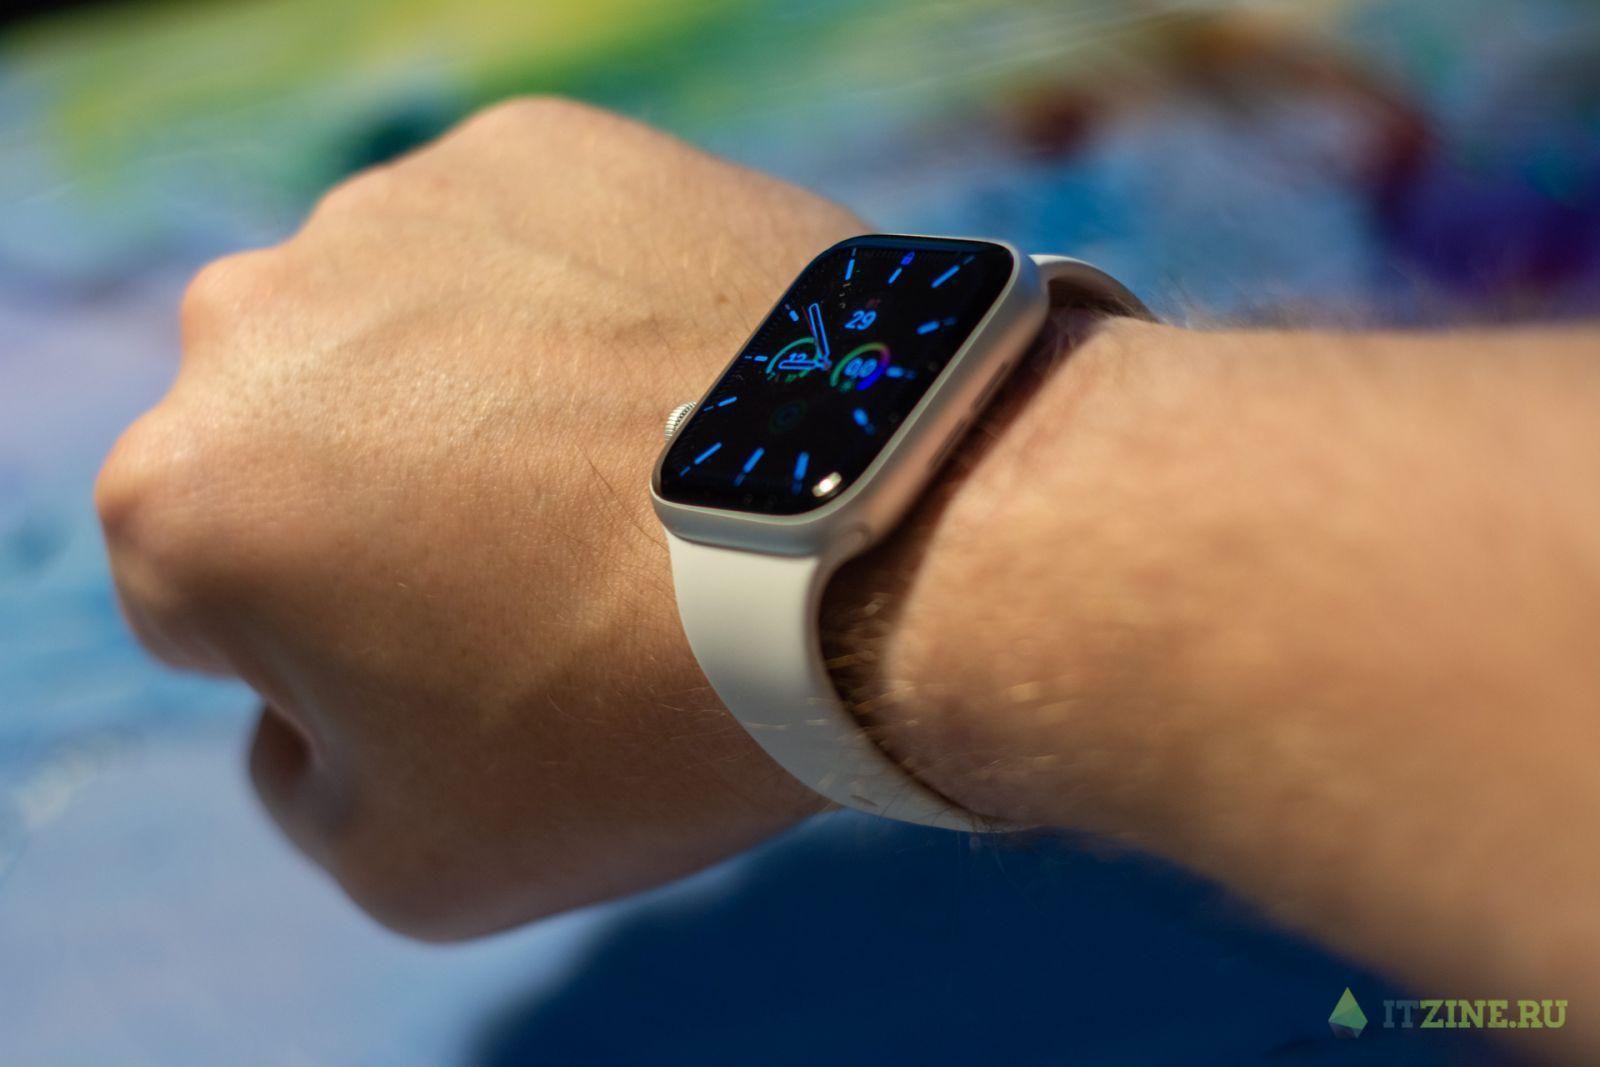 Первый взгляд: обзор Apple Watch series 6 cо сканером кислорода в крови (DSC 9215 1)